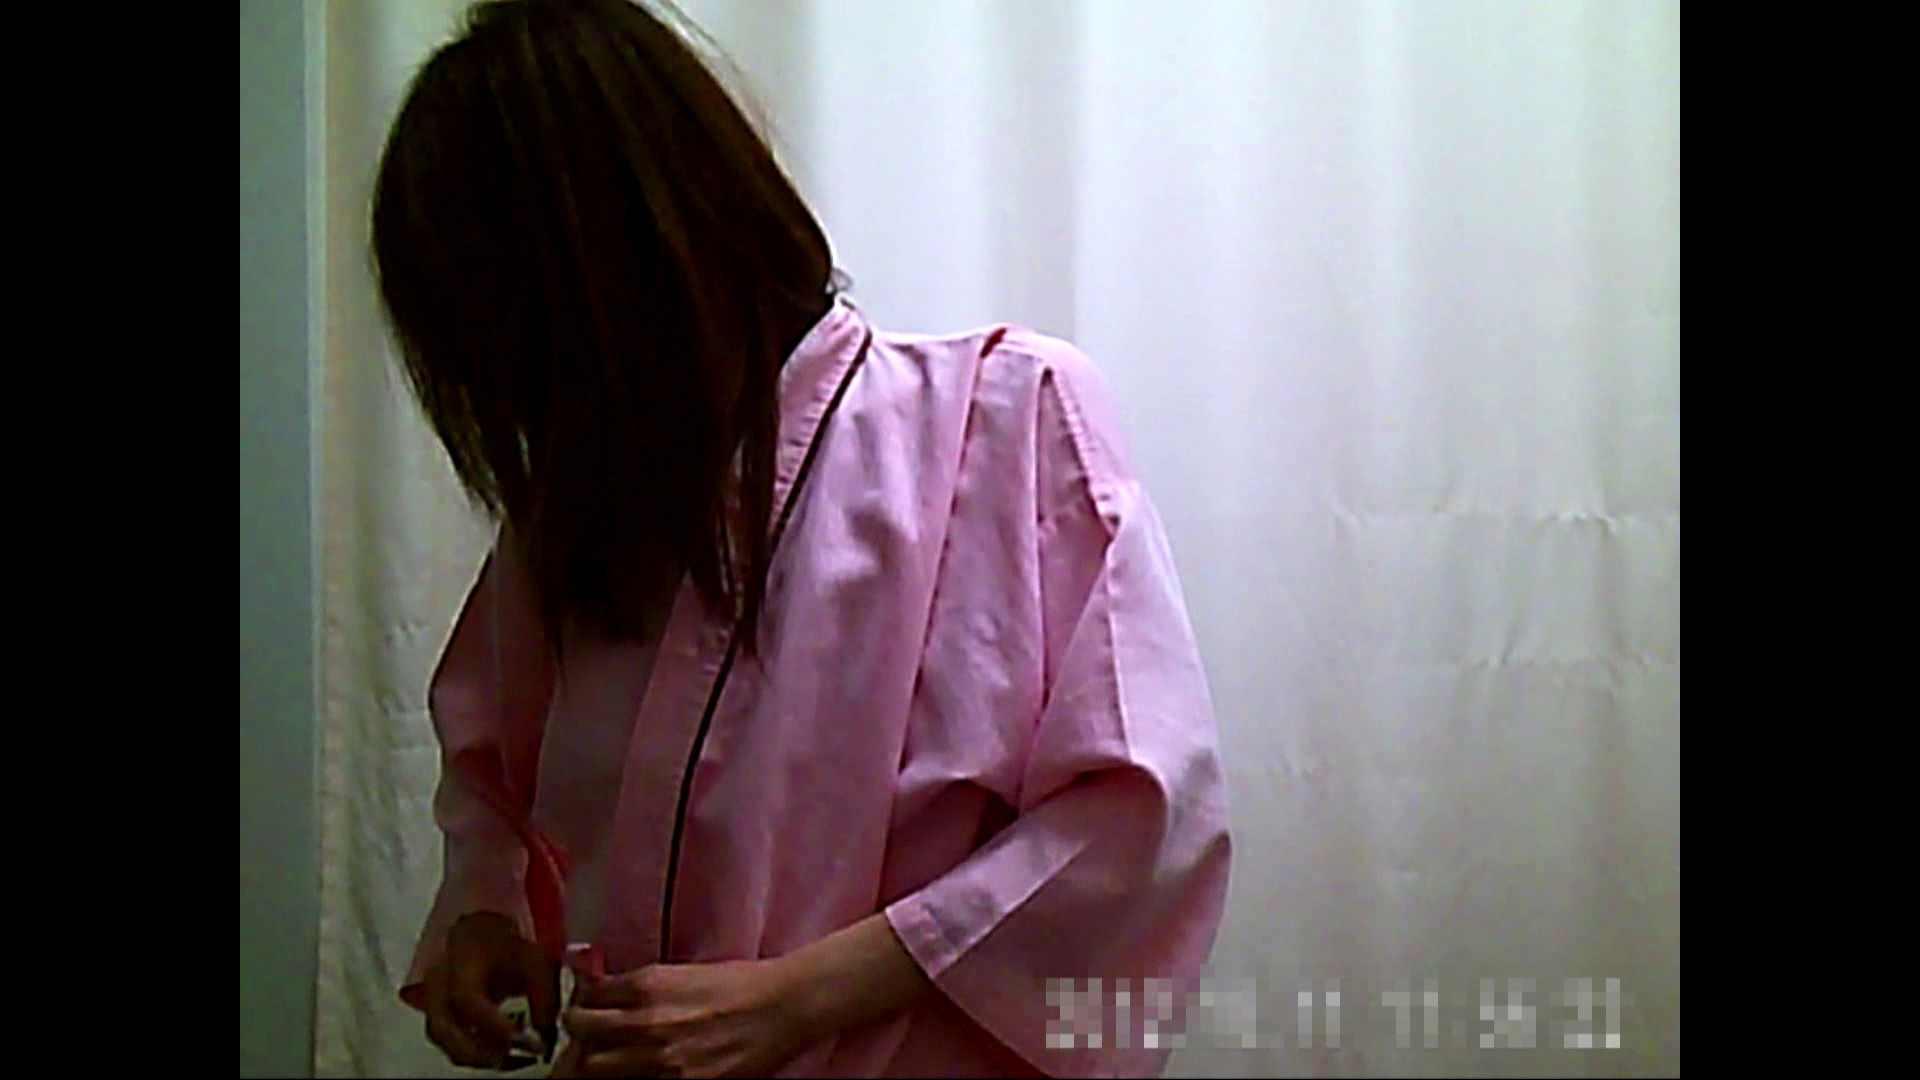 病院おもいっきり着替え! vol.234 巨乳 | 盗撮  81PIX 1